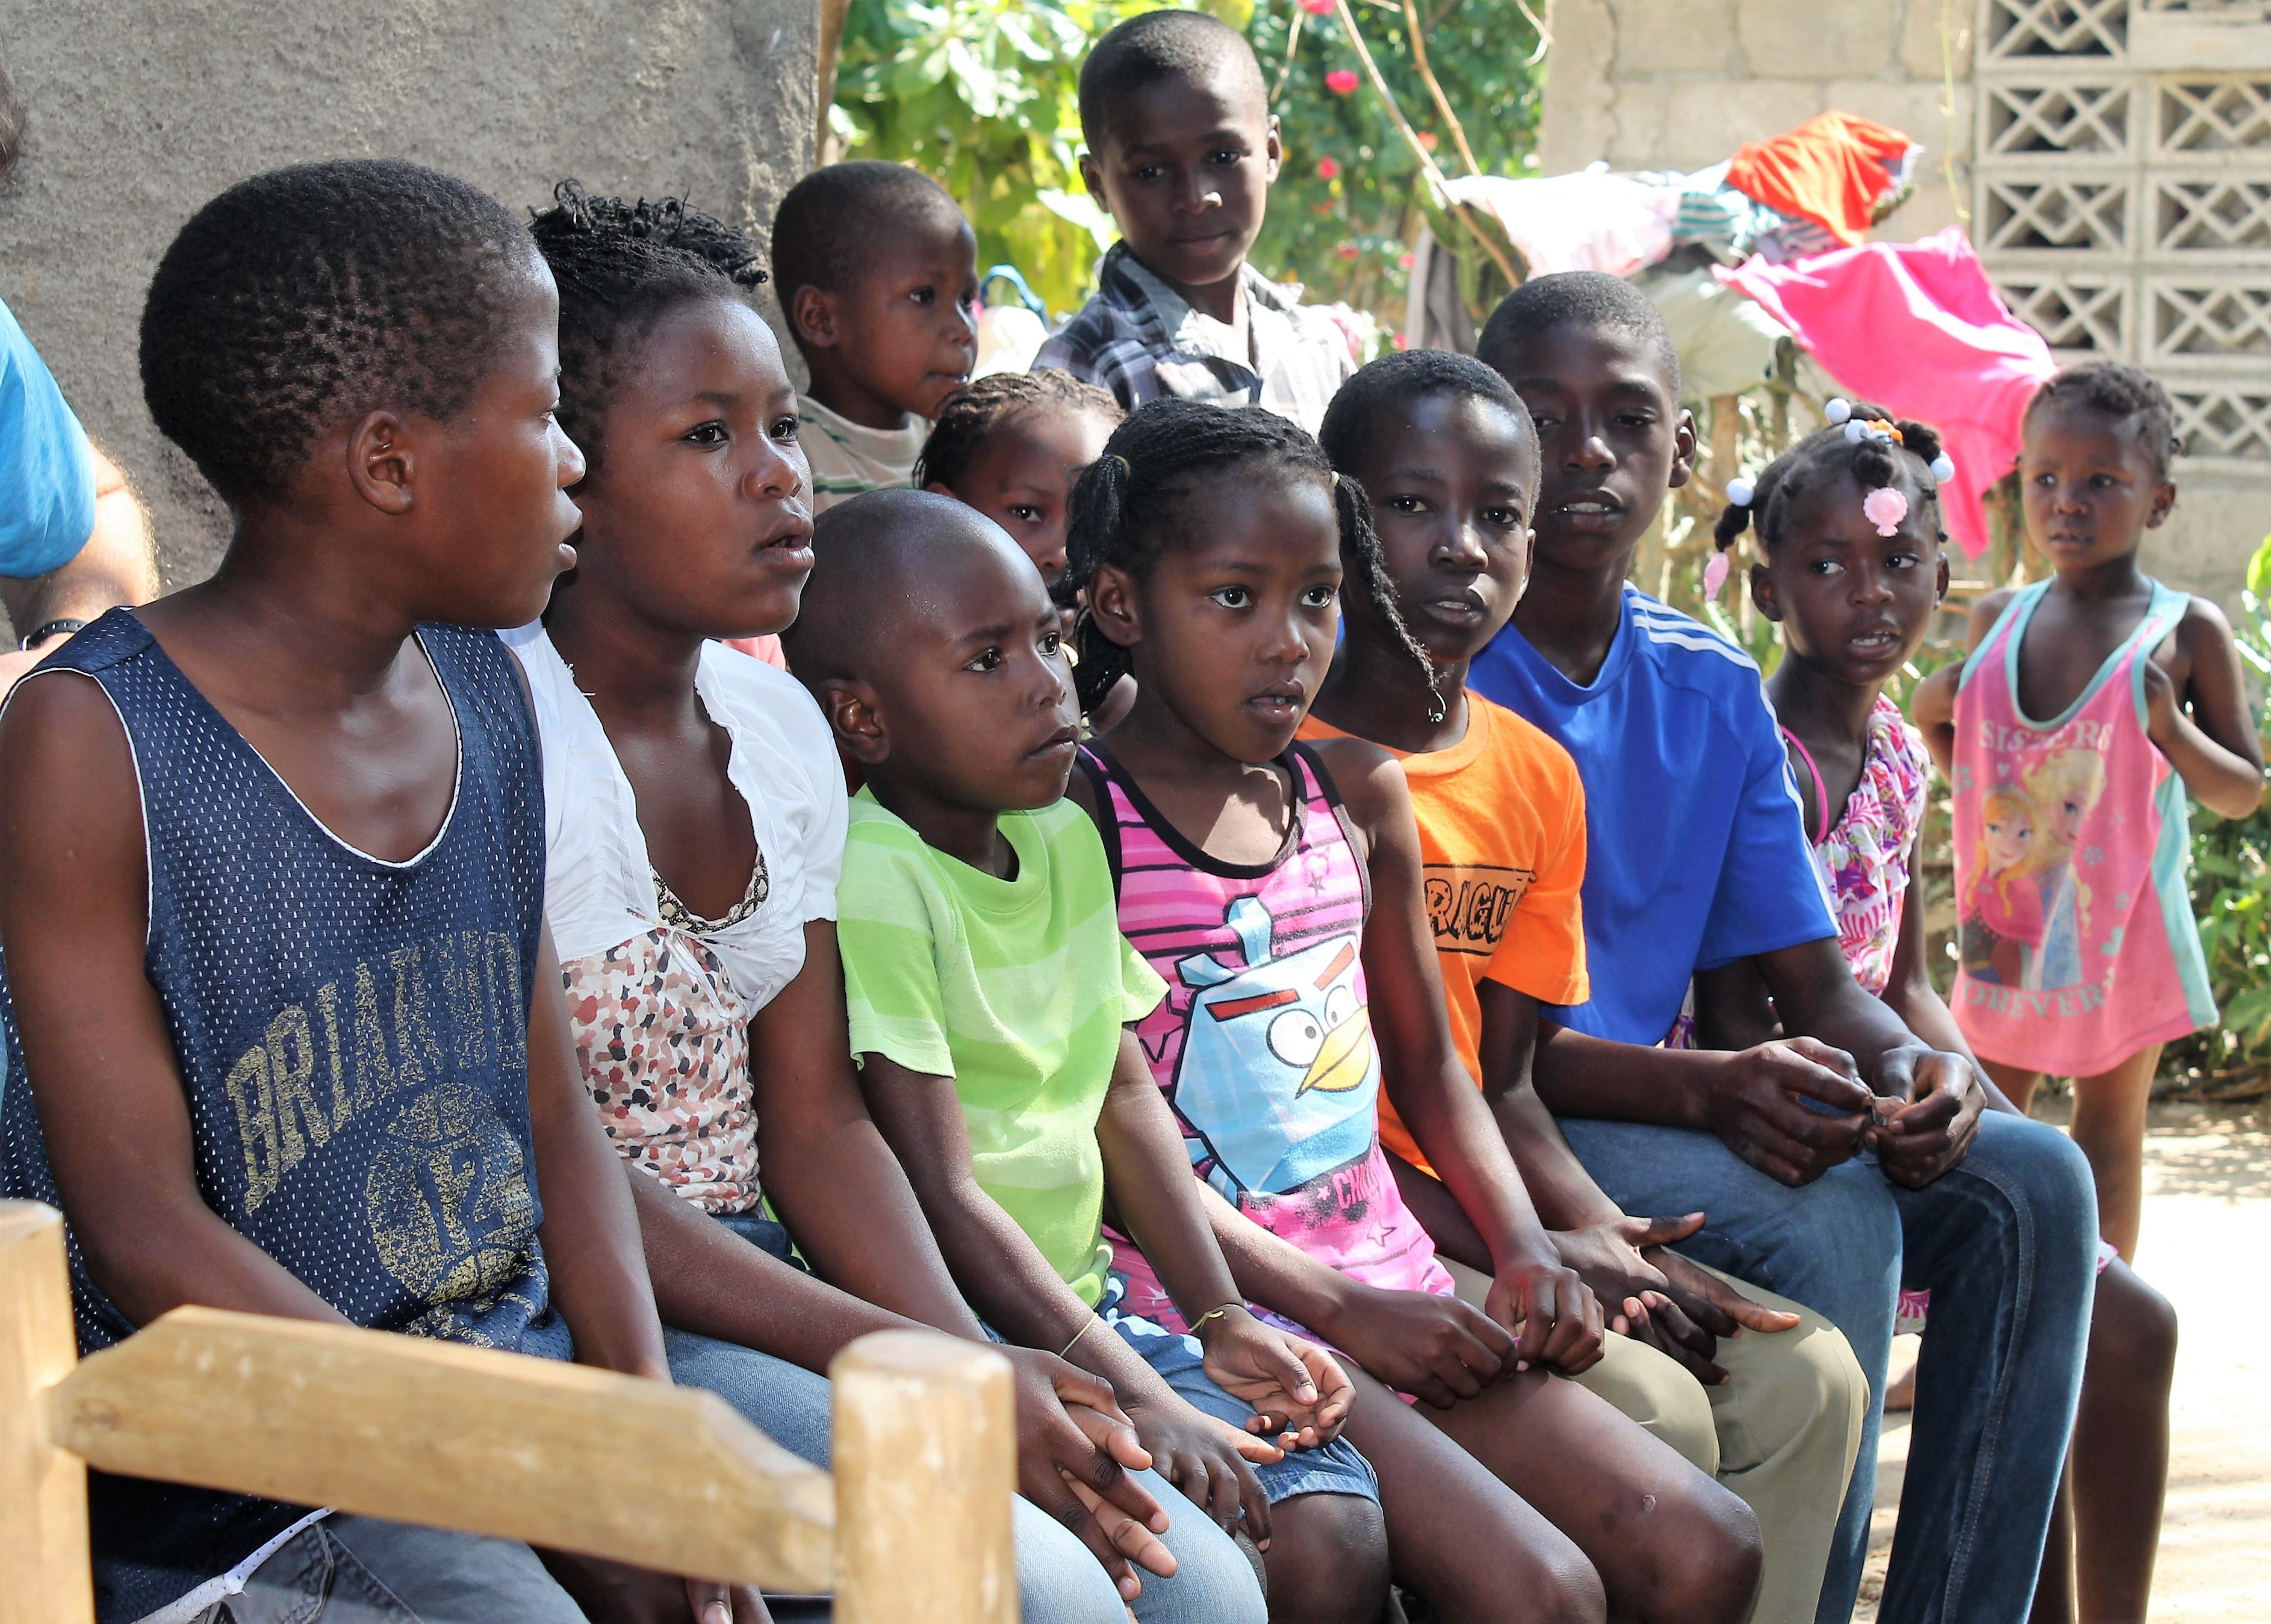 Un grupo de niños que participan en un Club infantil en Mombin Crochu.